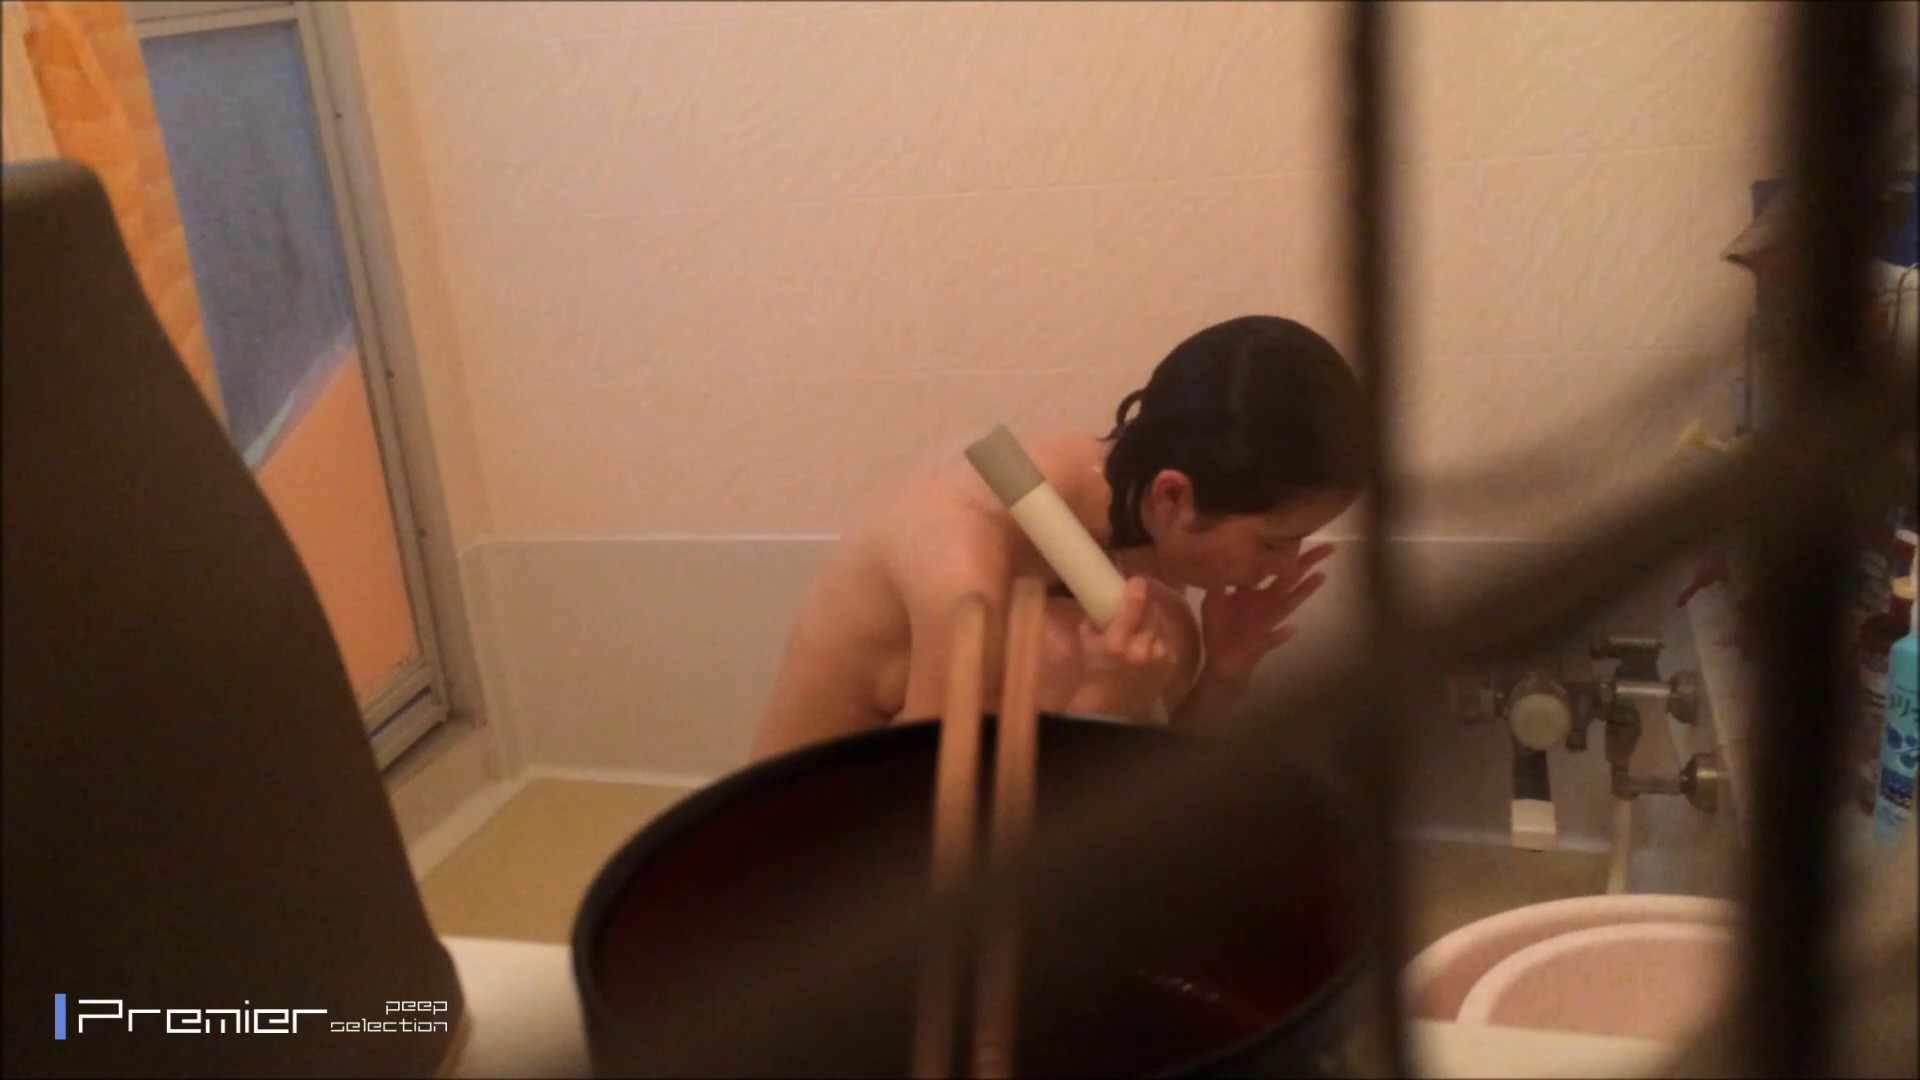 高画質フルハイビジョン スレンダー美女の入浴 乙女の風呂場 Vol.04 投稿 | 美肌 のぞき 76枚 61